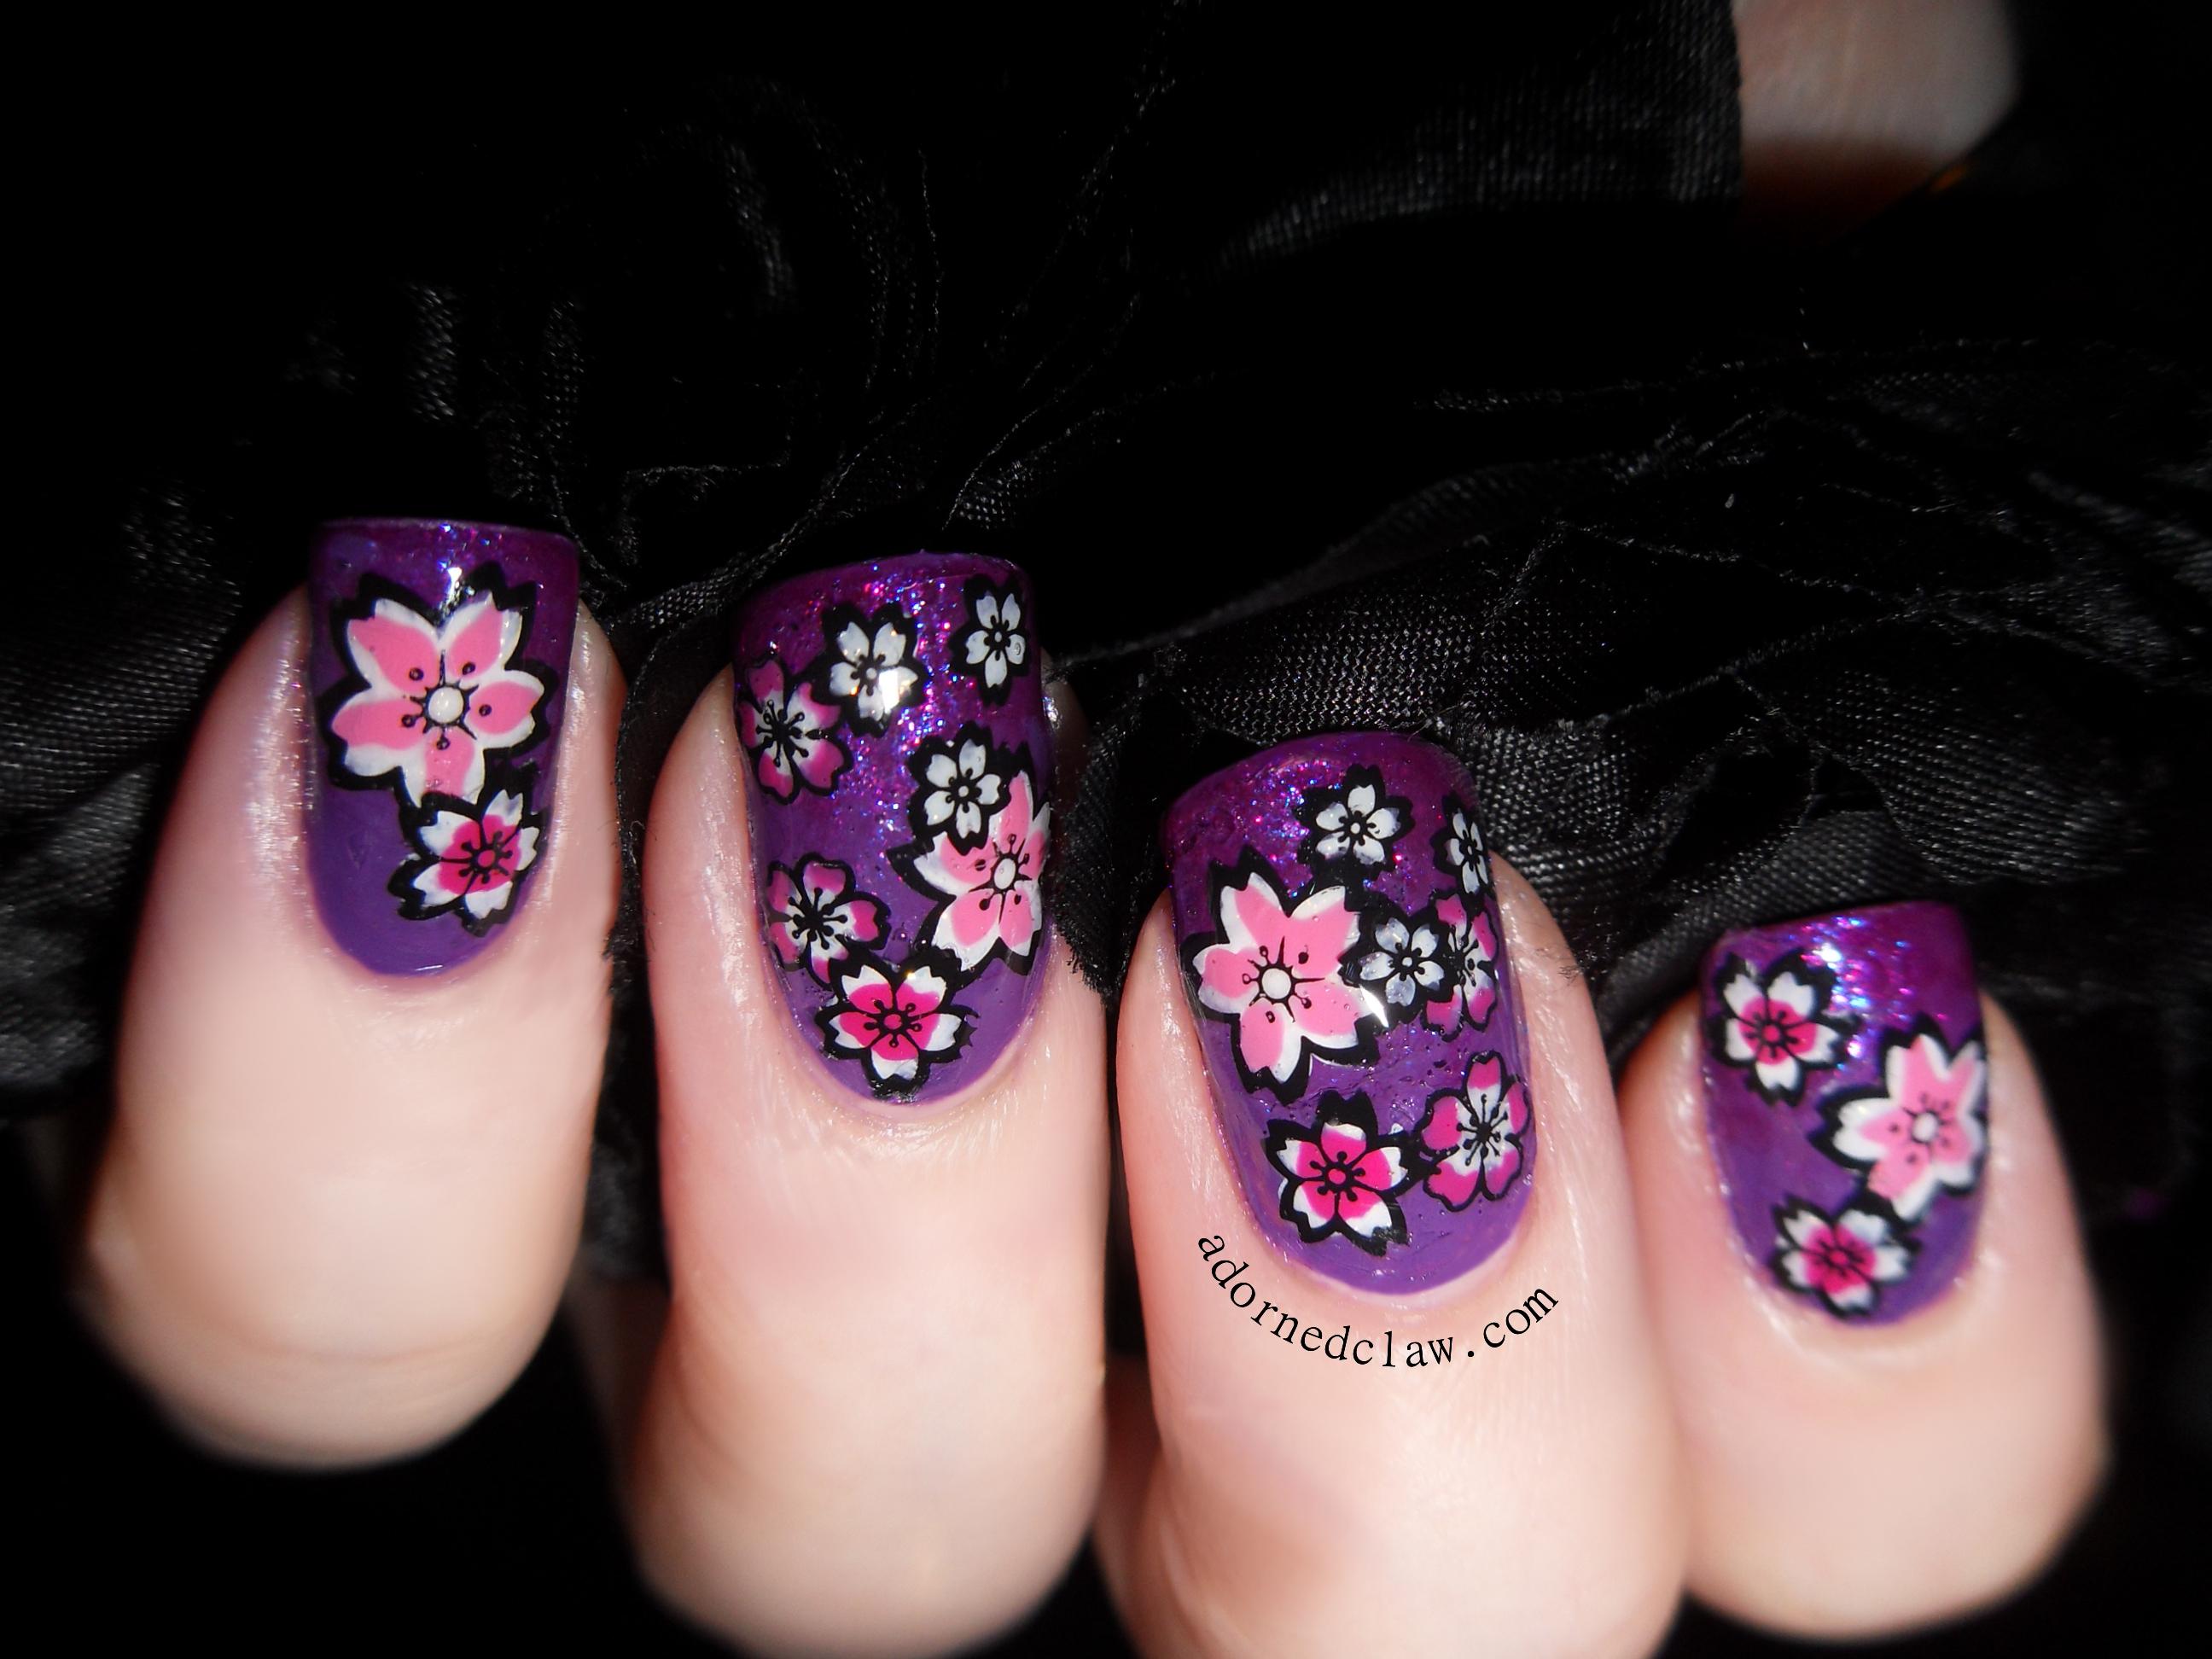 Nice Gel Vs Regular Nail Polish Big Hello Kitty Toe Nail Art Clean Opi Nail Polishes Summertime Nail Art Old Tribal Nails Art OrangeToxic Nail Polish Brands MoYou | The Adorned Claw | Page 2